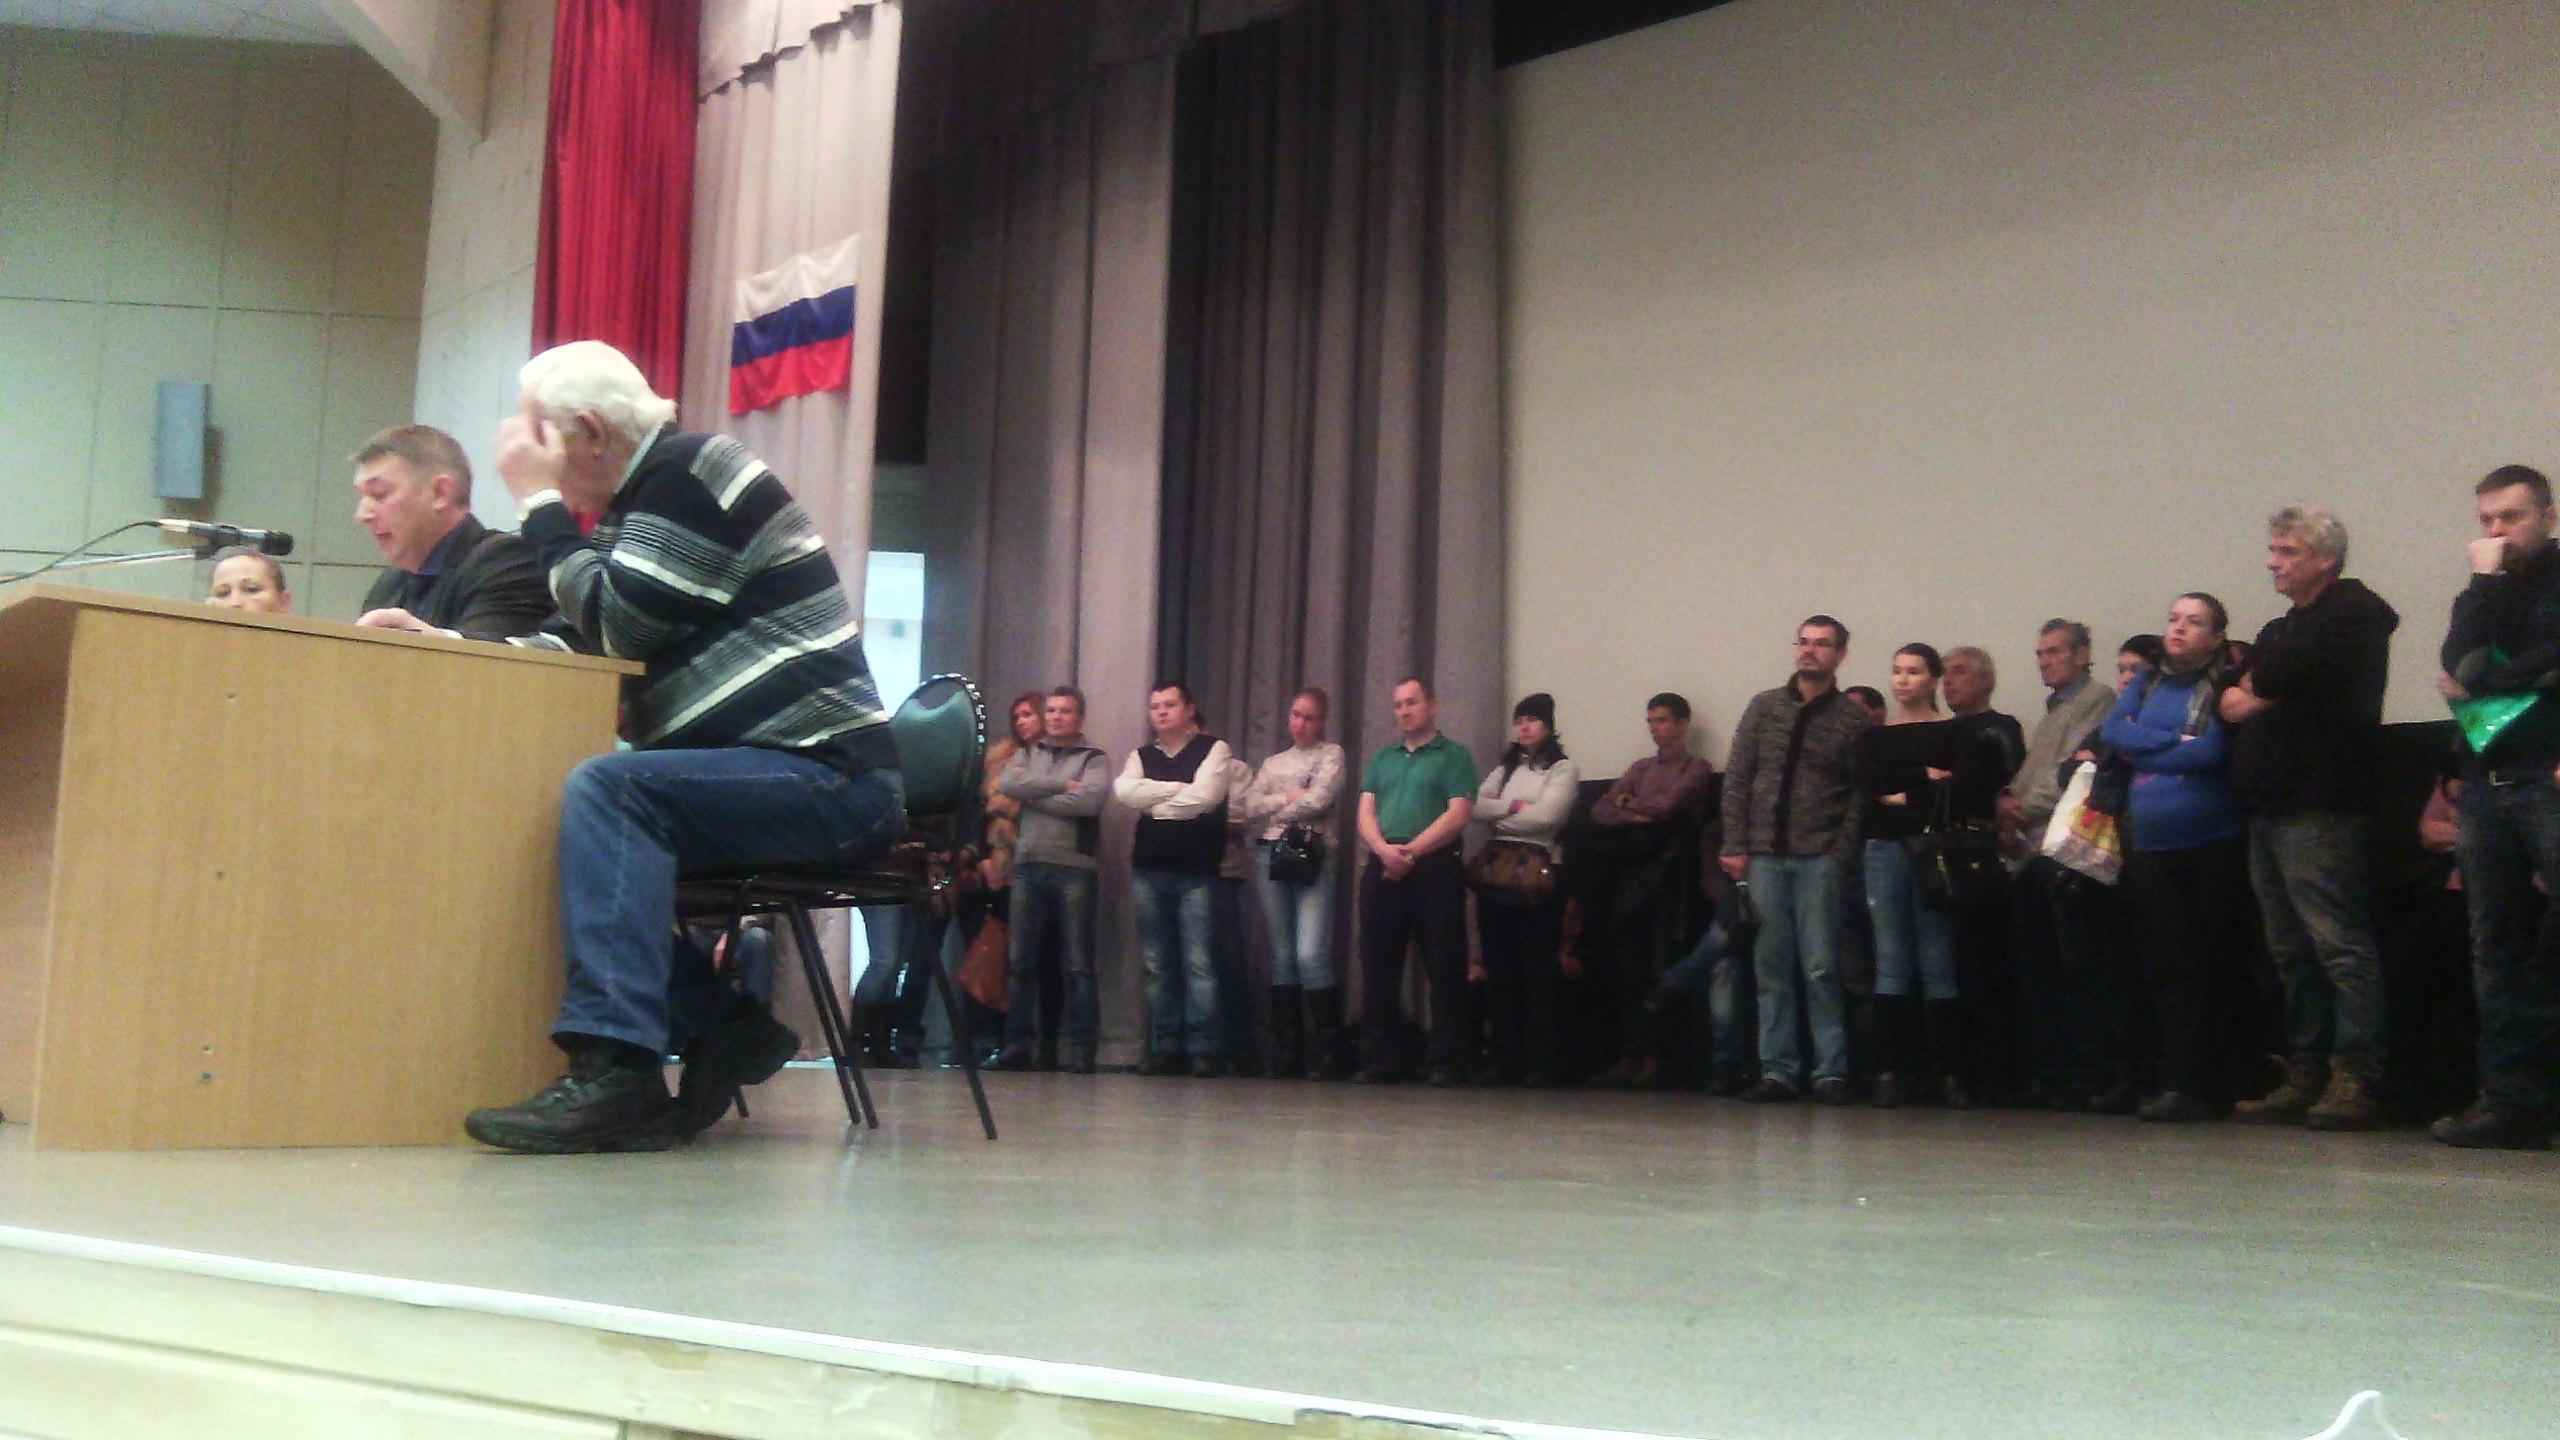 Те, кому не хватило места в зале, слушали прямо со сцены.